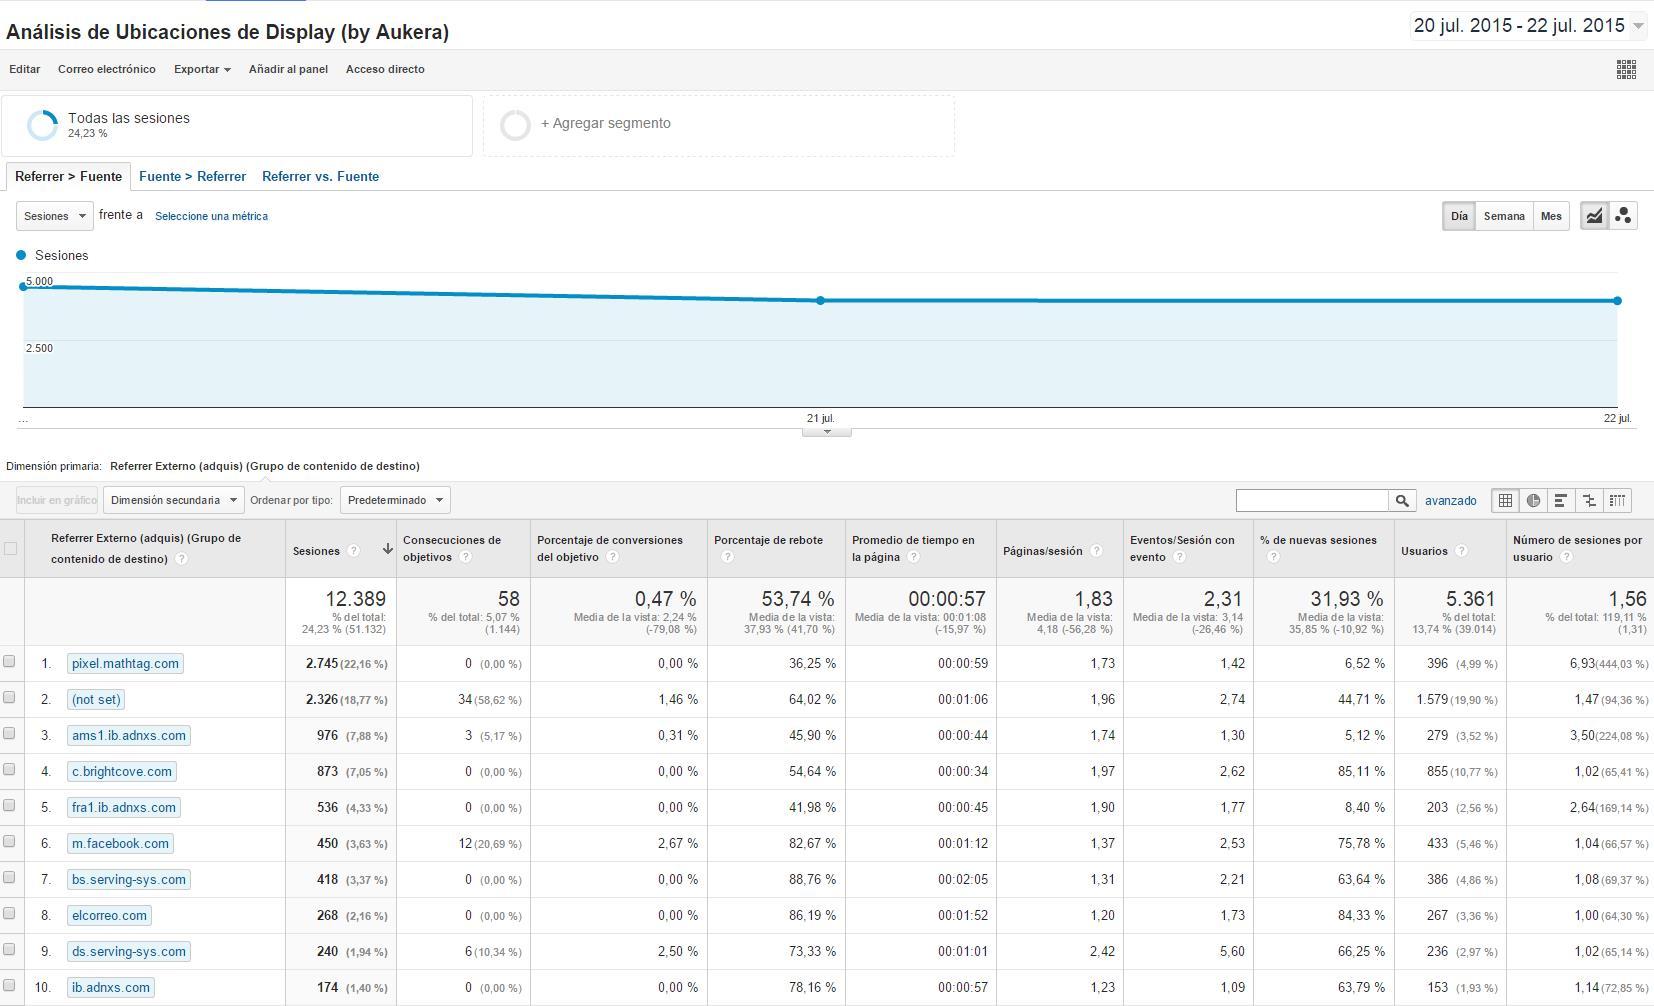 Ubicaiones de Display en Google Analytics, Informe Personalizado by Aukera Marketing